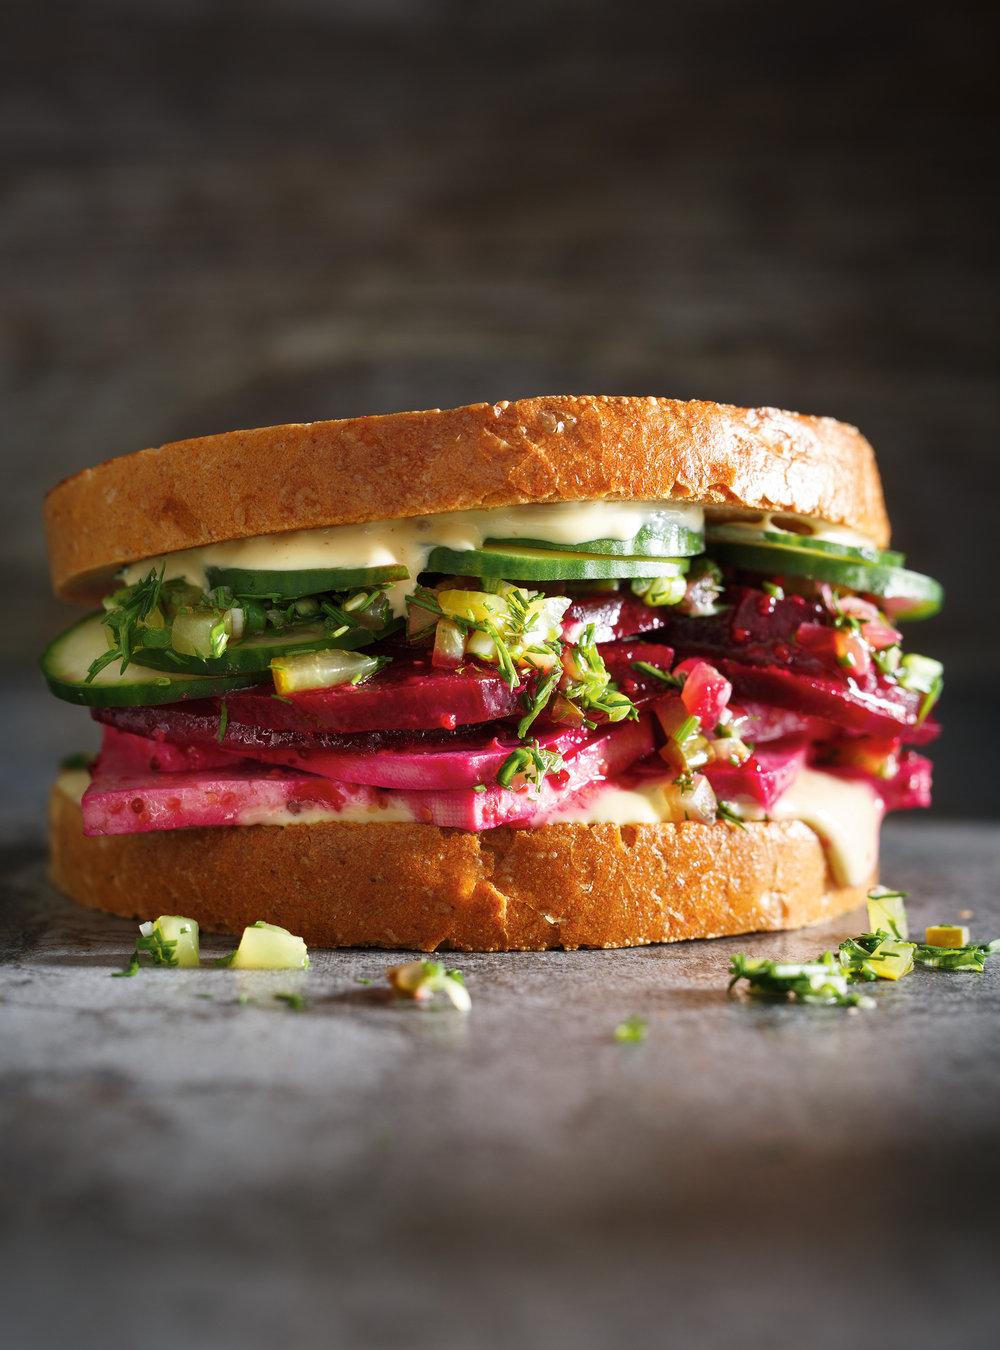 Sandwich déli à la betterave et au tofu | ricardo